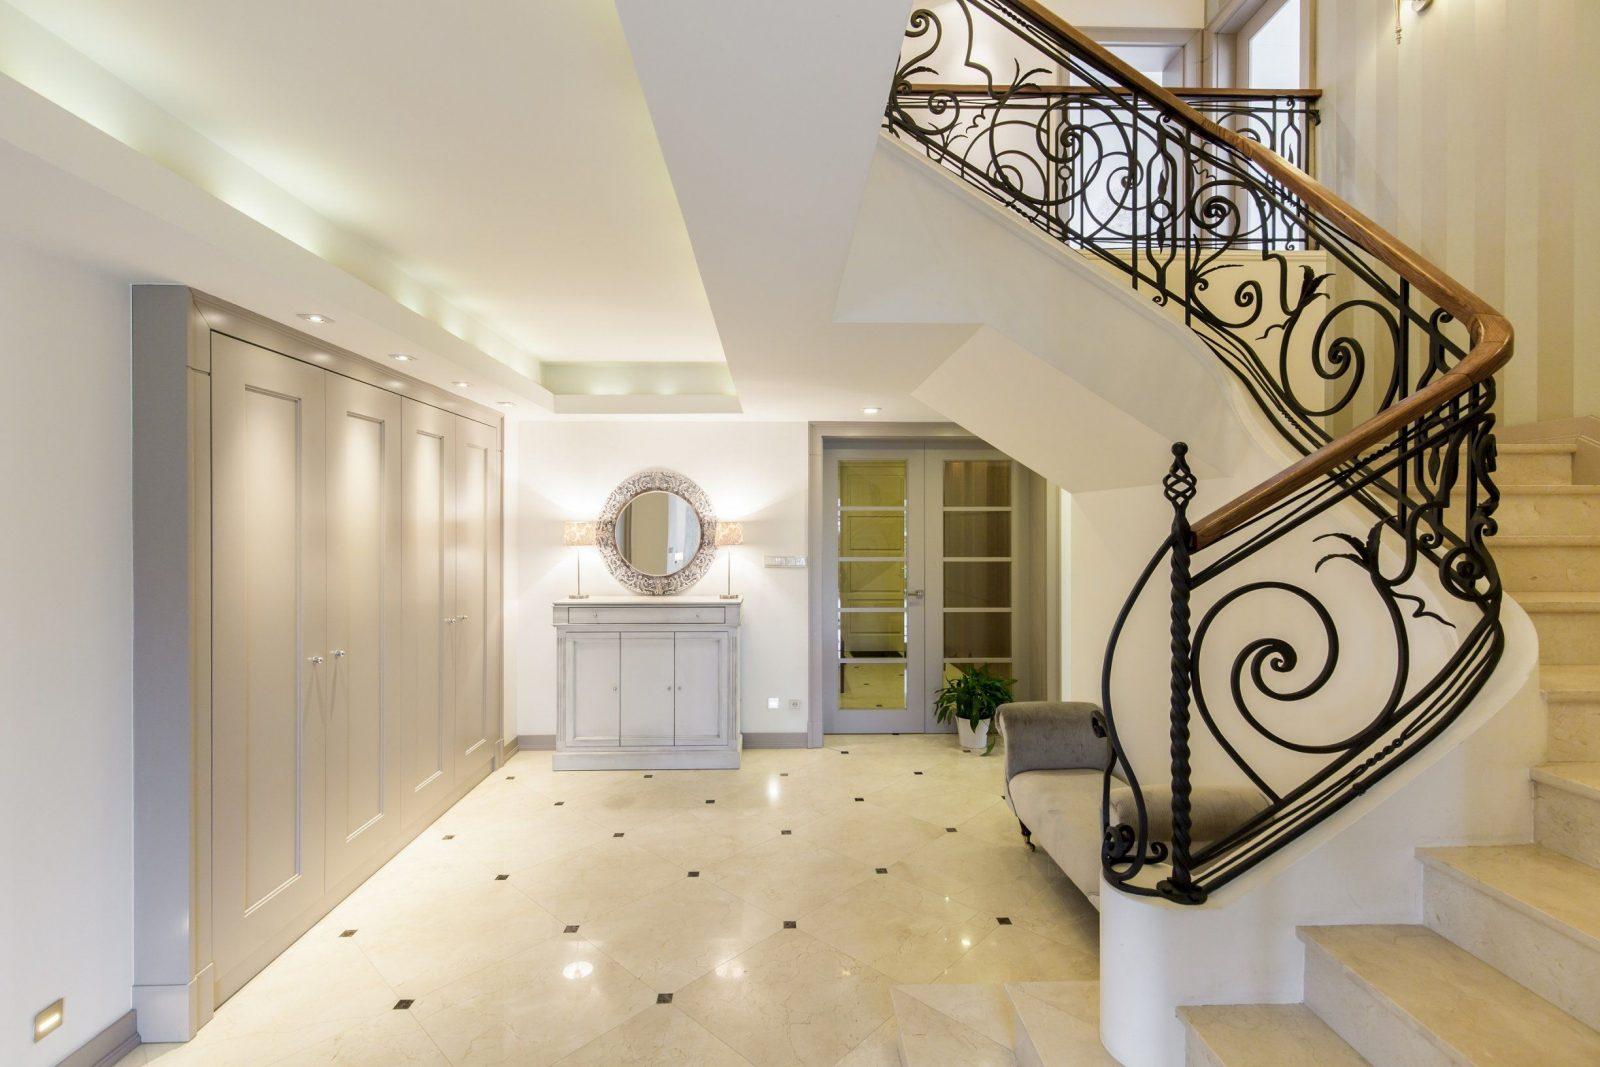 Treppenhausgestaltung Füers Einfamilienhaus 10 Ideen von Treppenhaus Gestalten Schöner Wohnen Photo